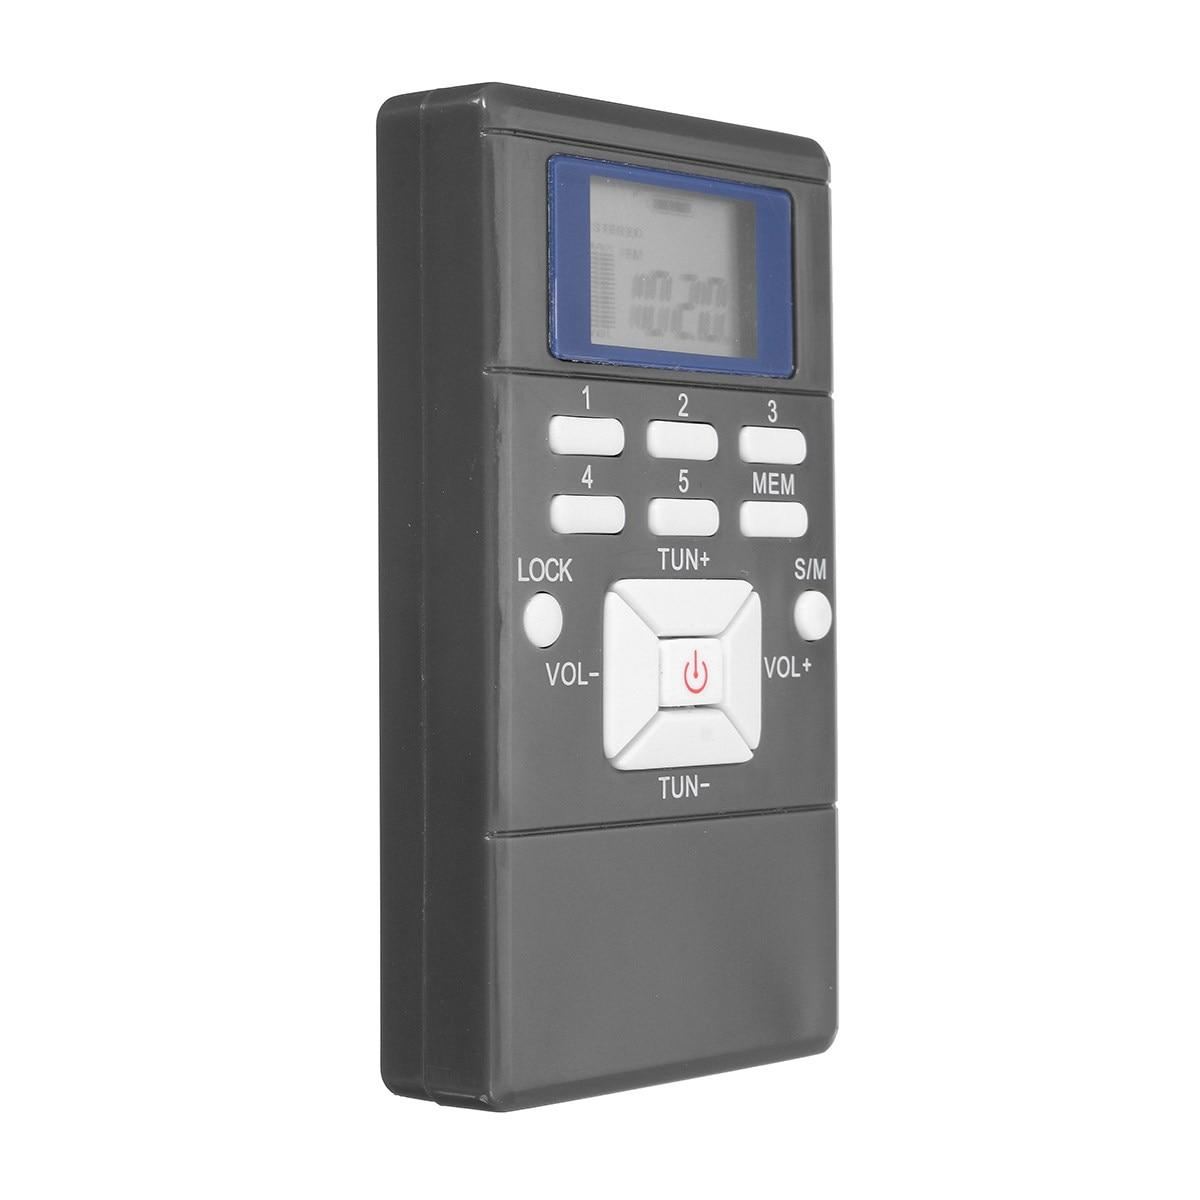 Neue Tragbare Mini Frequenzmodulation Radio Fm Digital Led Signalverarbeitung Empfänger Mit In-ear Kopfhörer 3,5mm Tragbares Audio & Video Radio